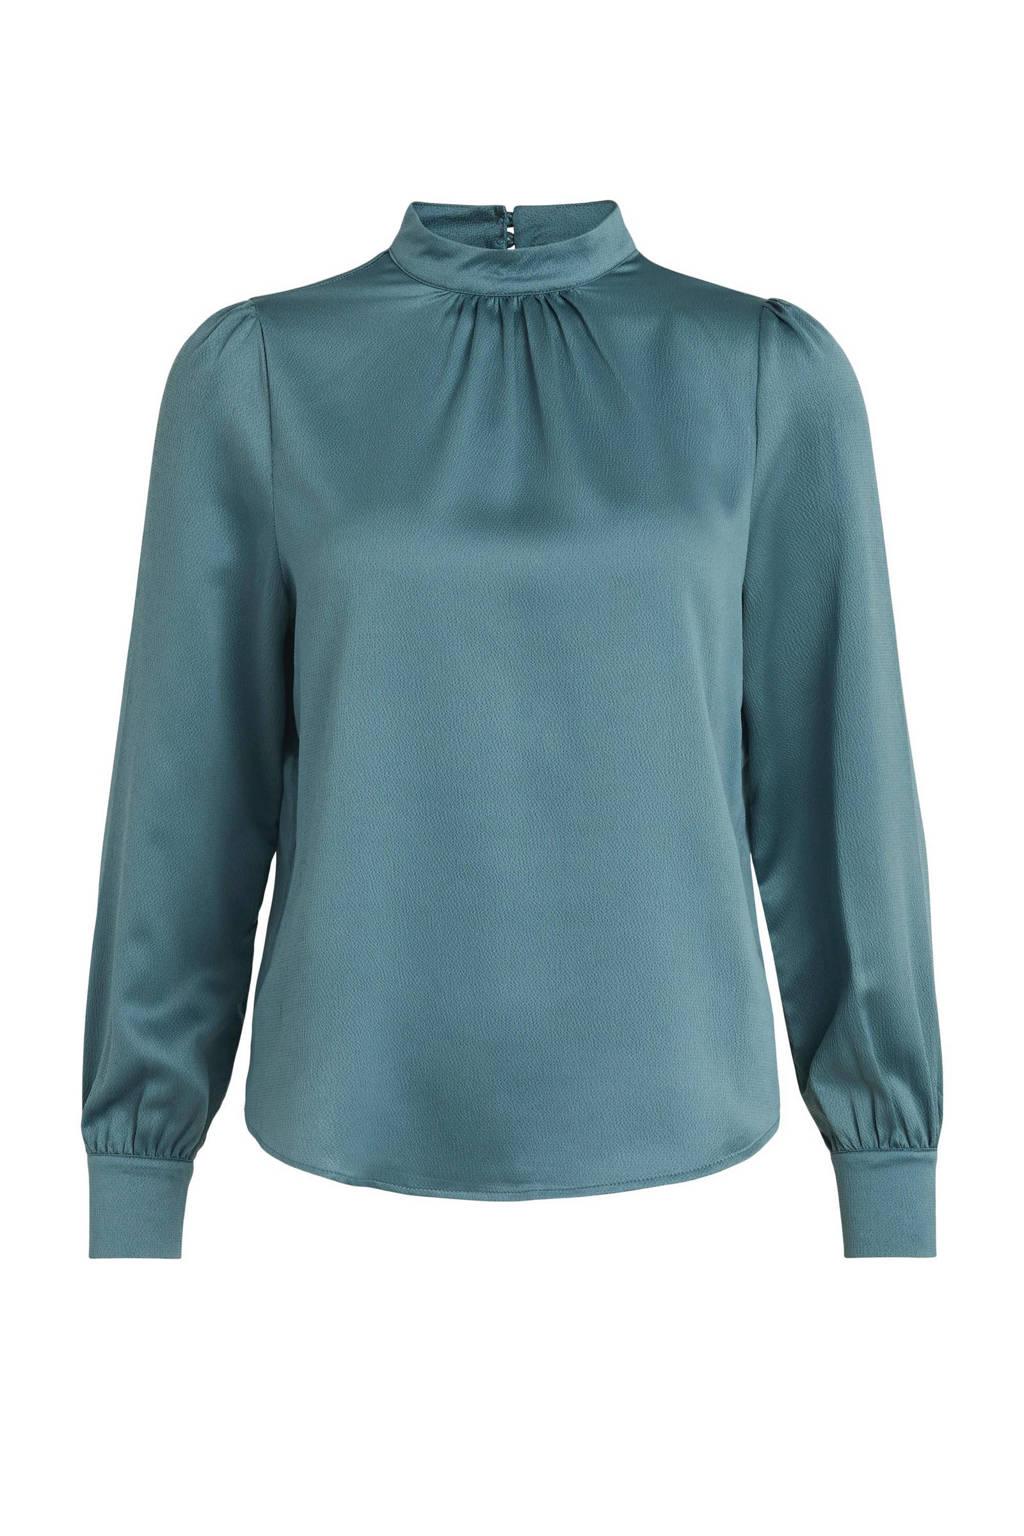 VILA top VILADEE van gerecycled polyester blauw, Blauw